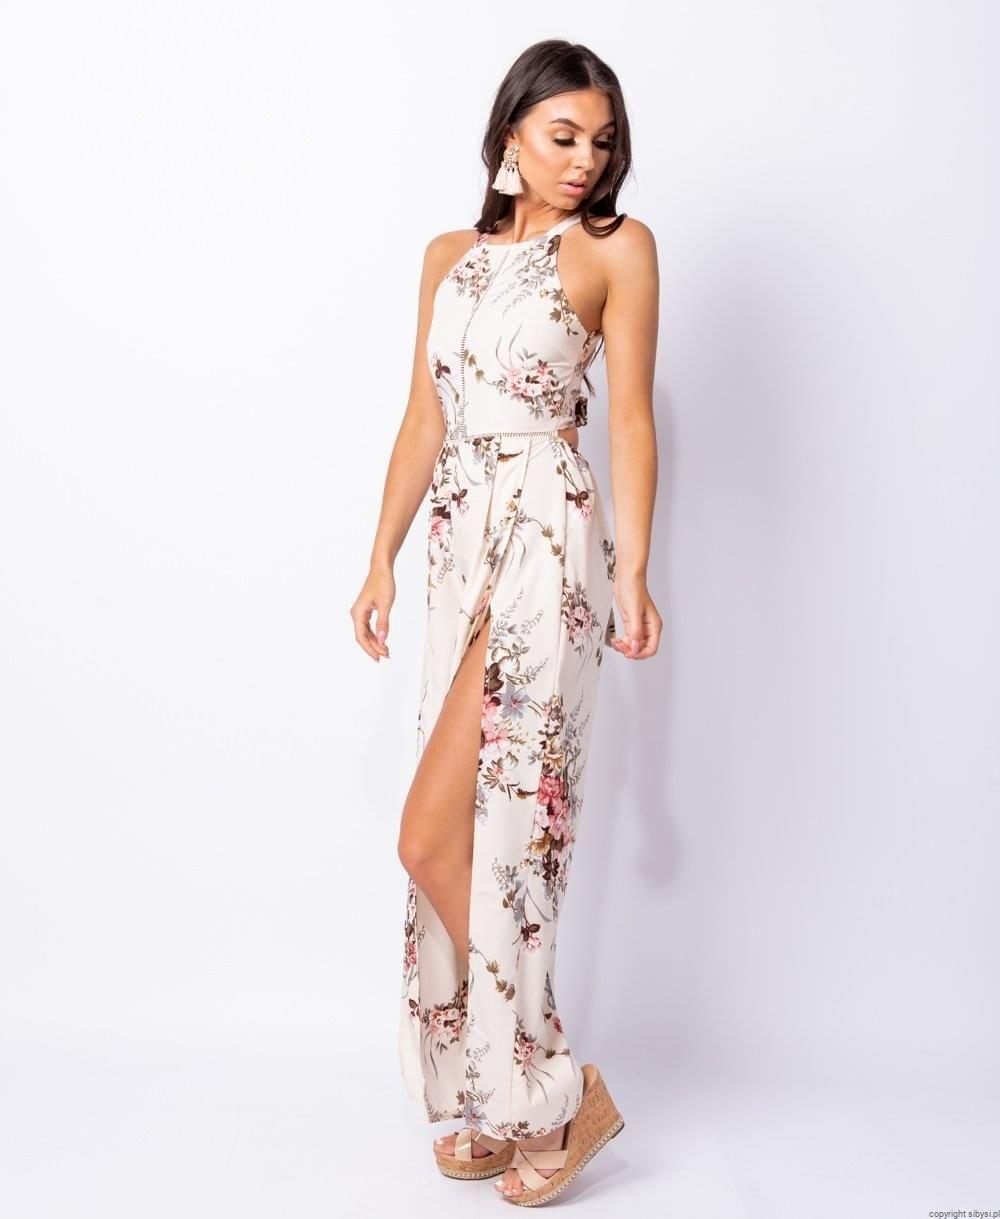 Ciara Maxi Kombinezon Sukienka W Kwiaty Rozciecia Krem Fashion High Low Dress Style